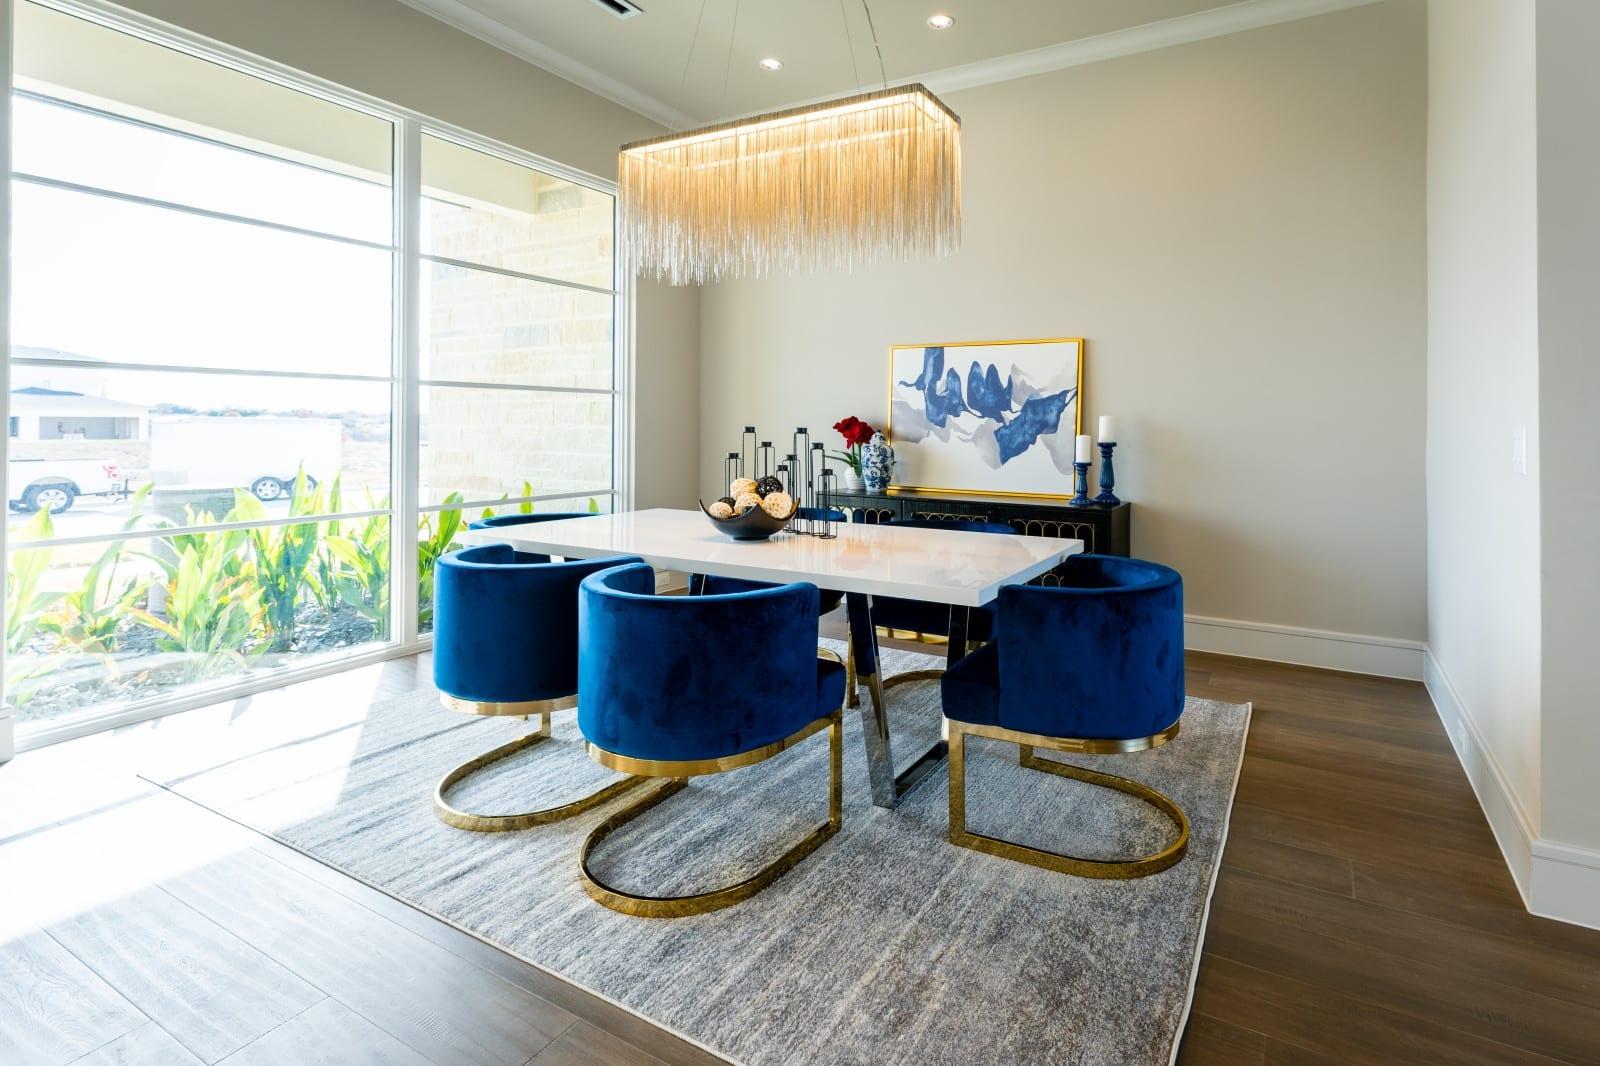 modern home design 6 - Millennial Design + Build